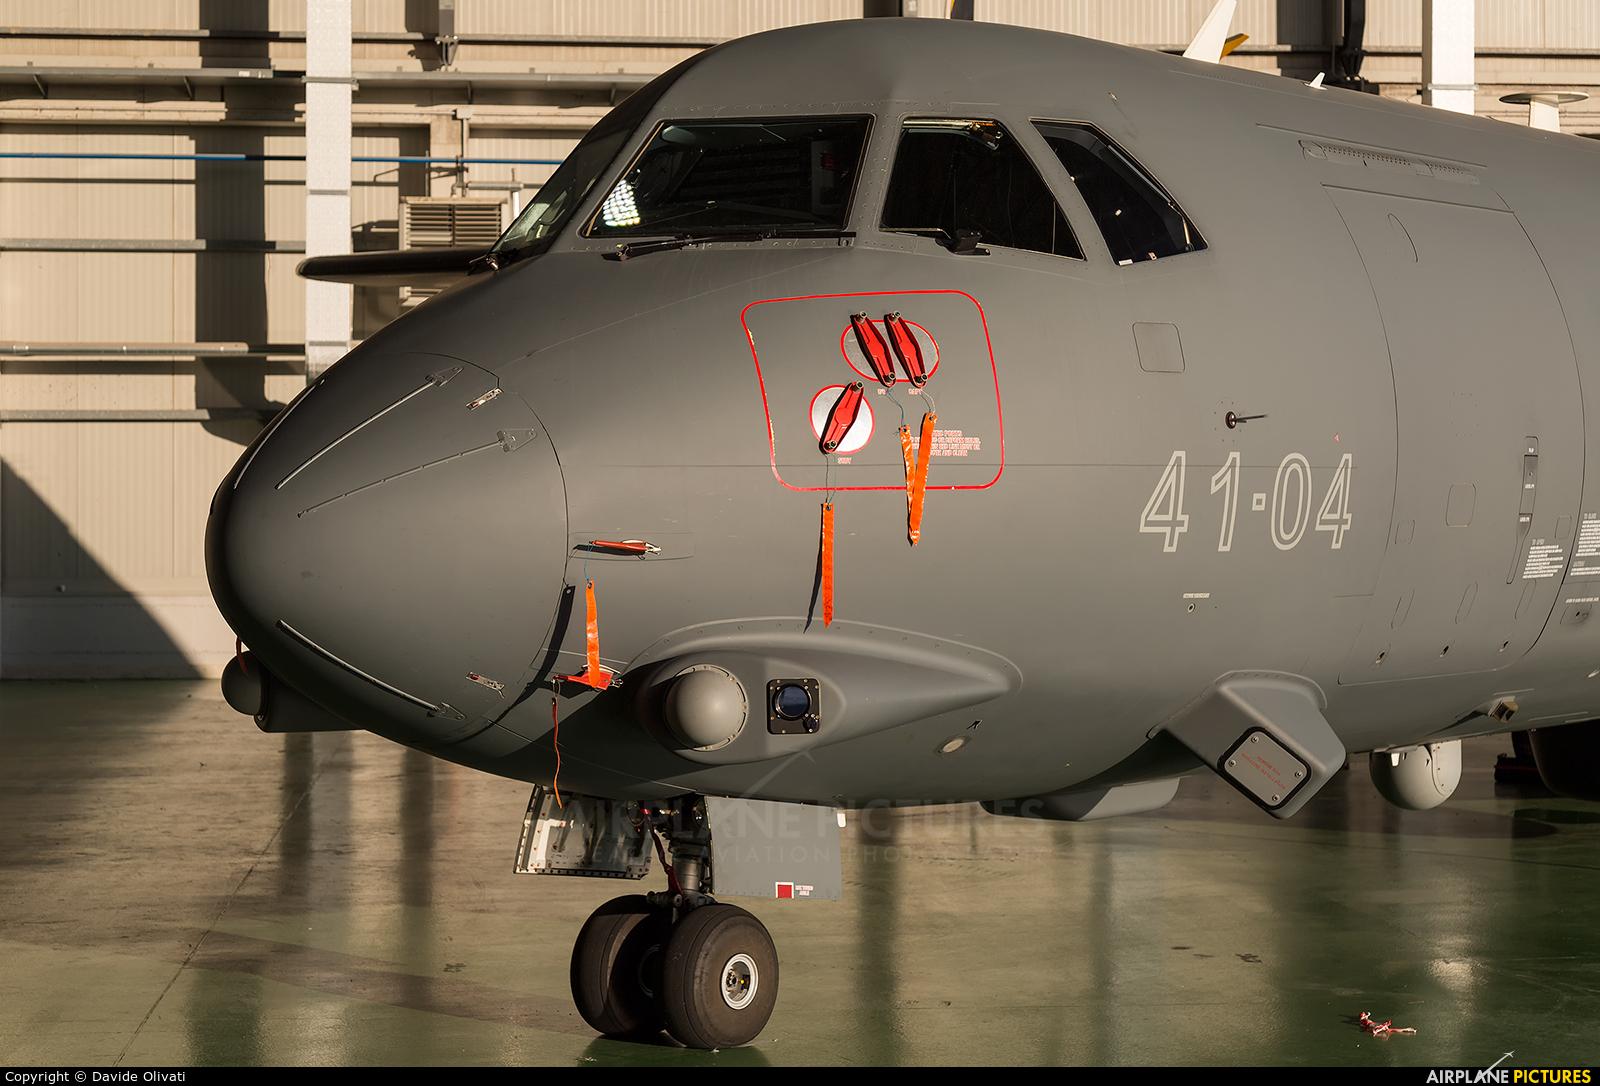 Italy - Air Force MM62281 aircraft at Sigonella